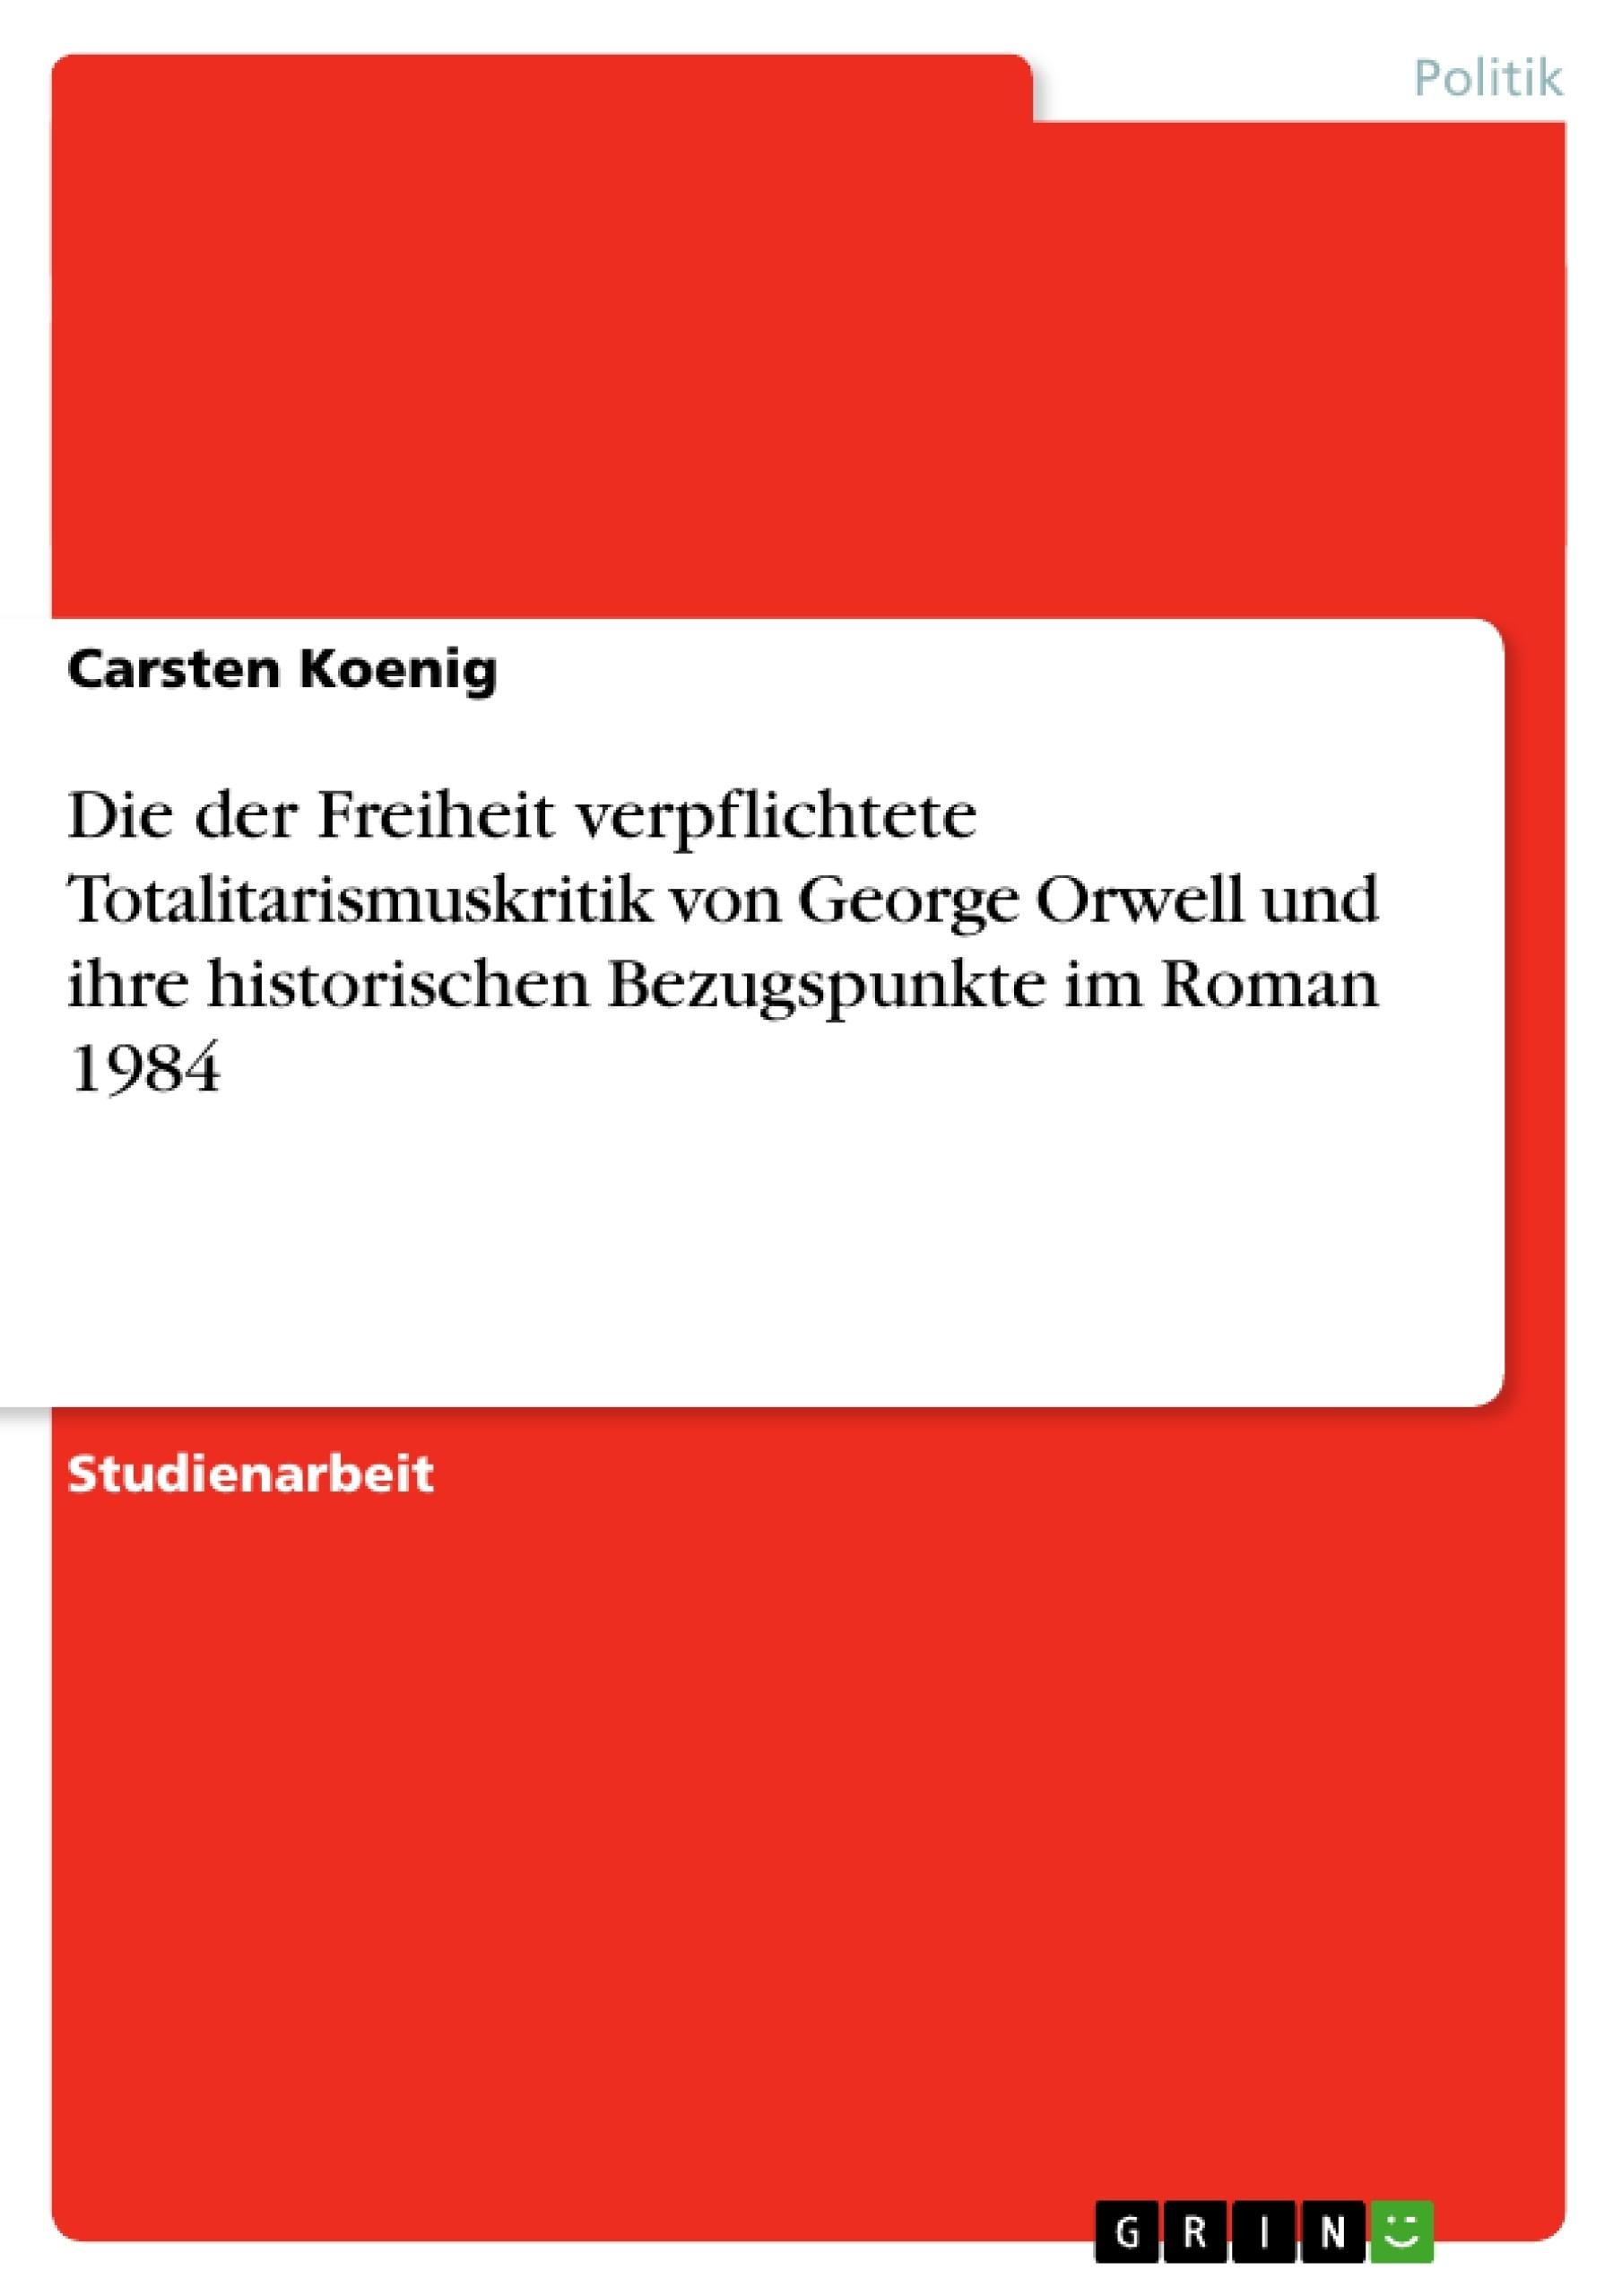 Titel: Die der Freiheit verpflichtete Totalitarismuskritik von George Orwell und ihre historischen Bezugspunkte im Roman 1984